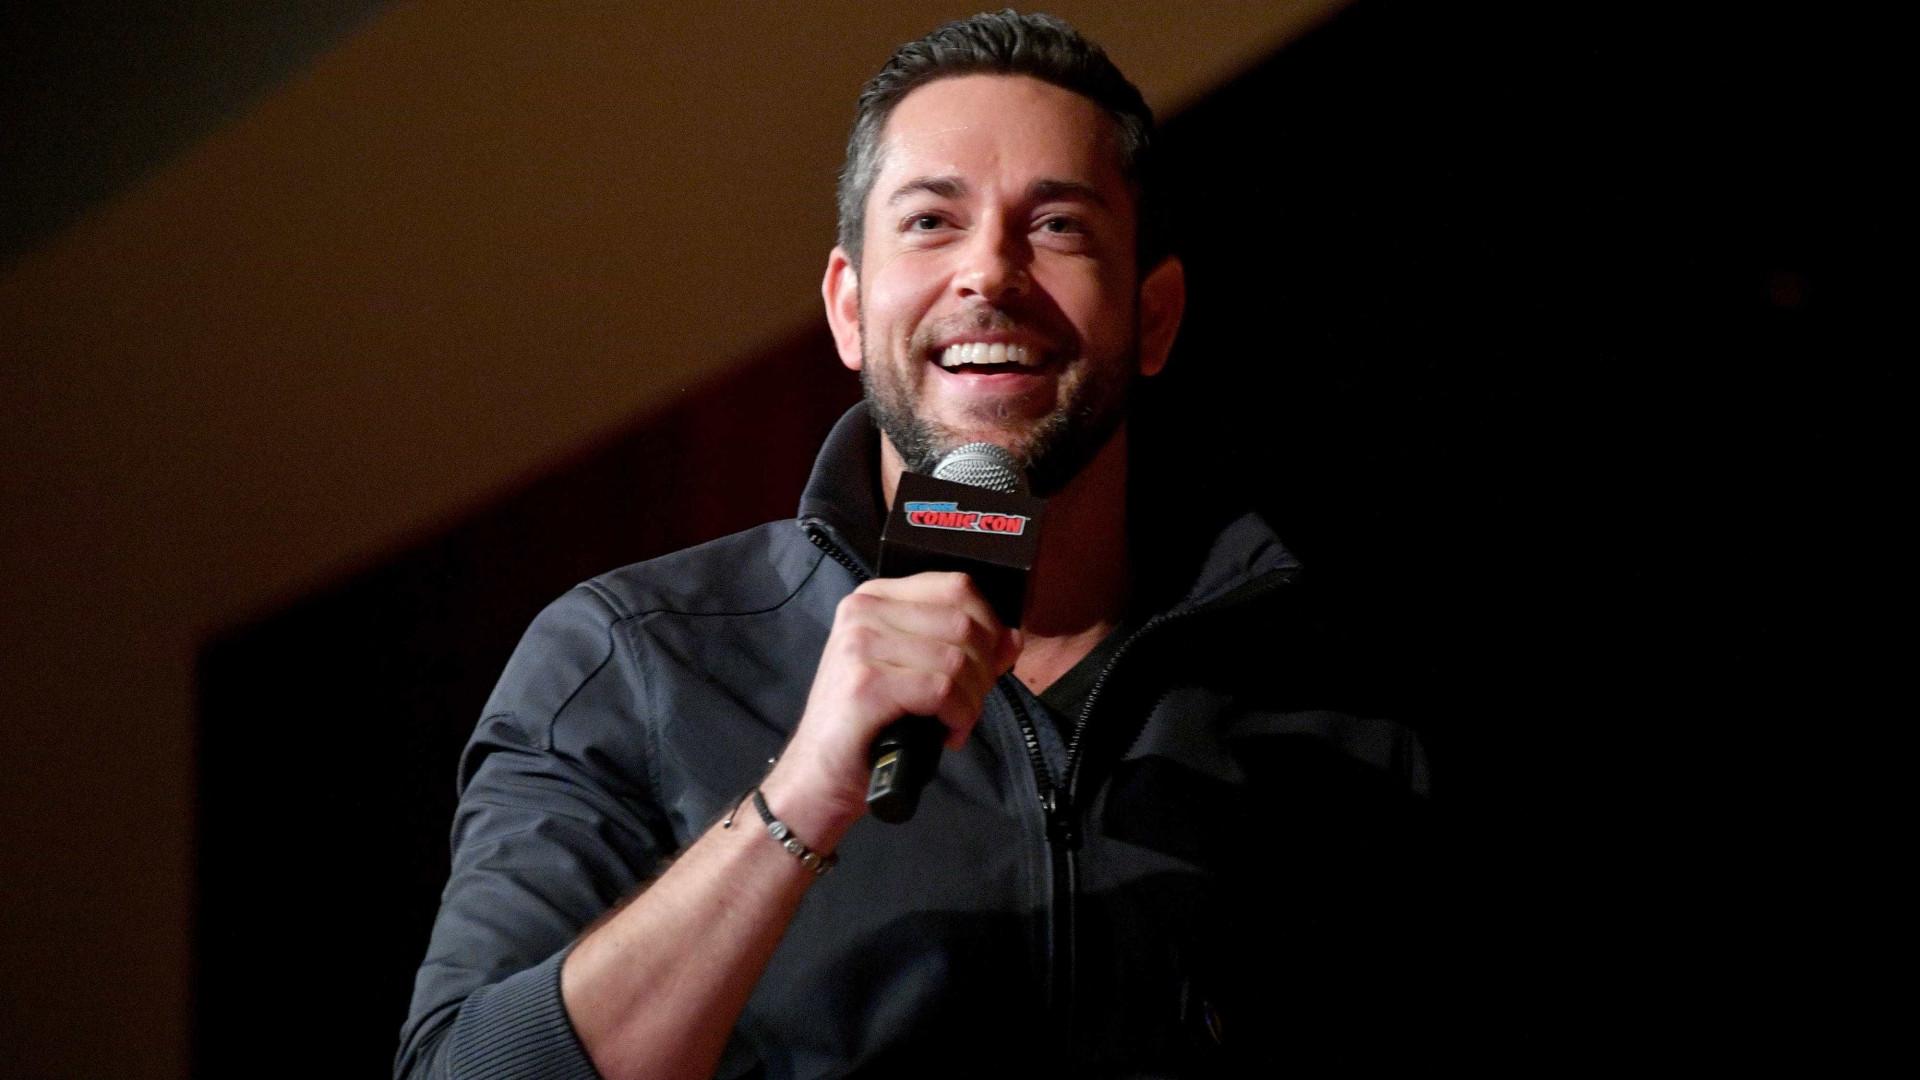 Astro de 'Shazam!' faz aparição surpresa na Comic Con, em SP